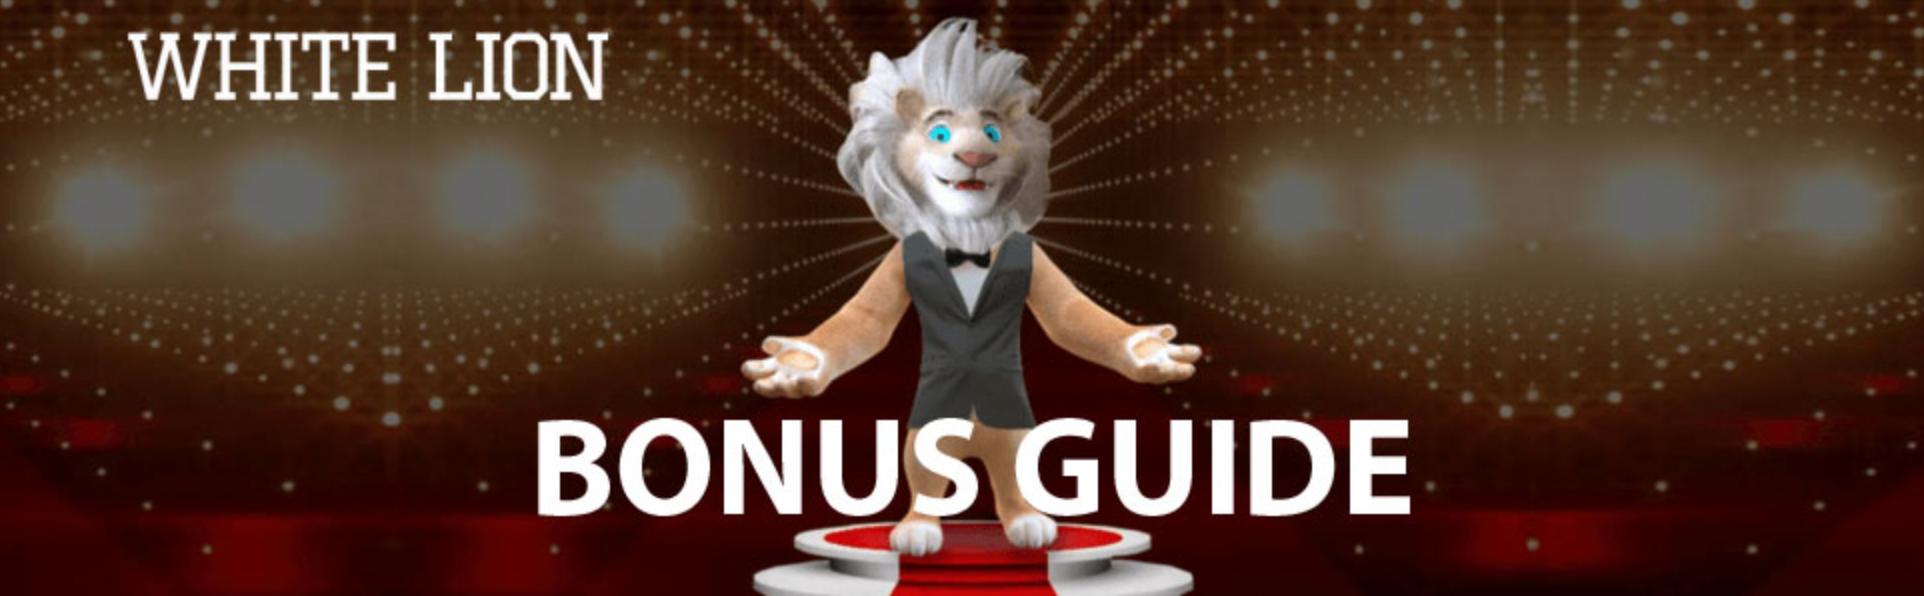 white lion bonus